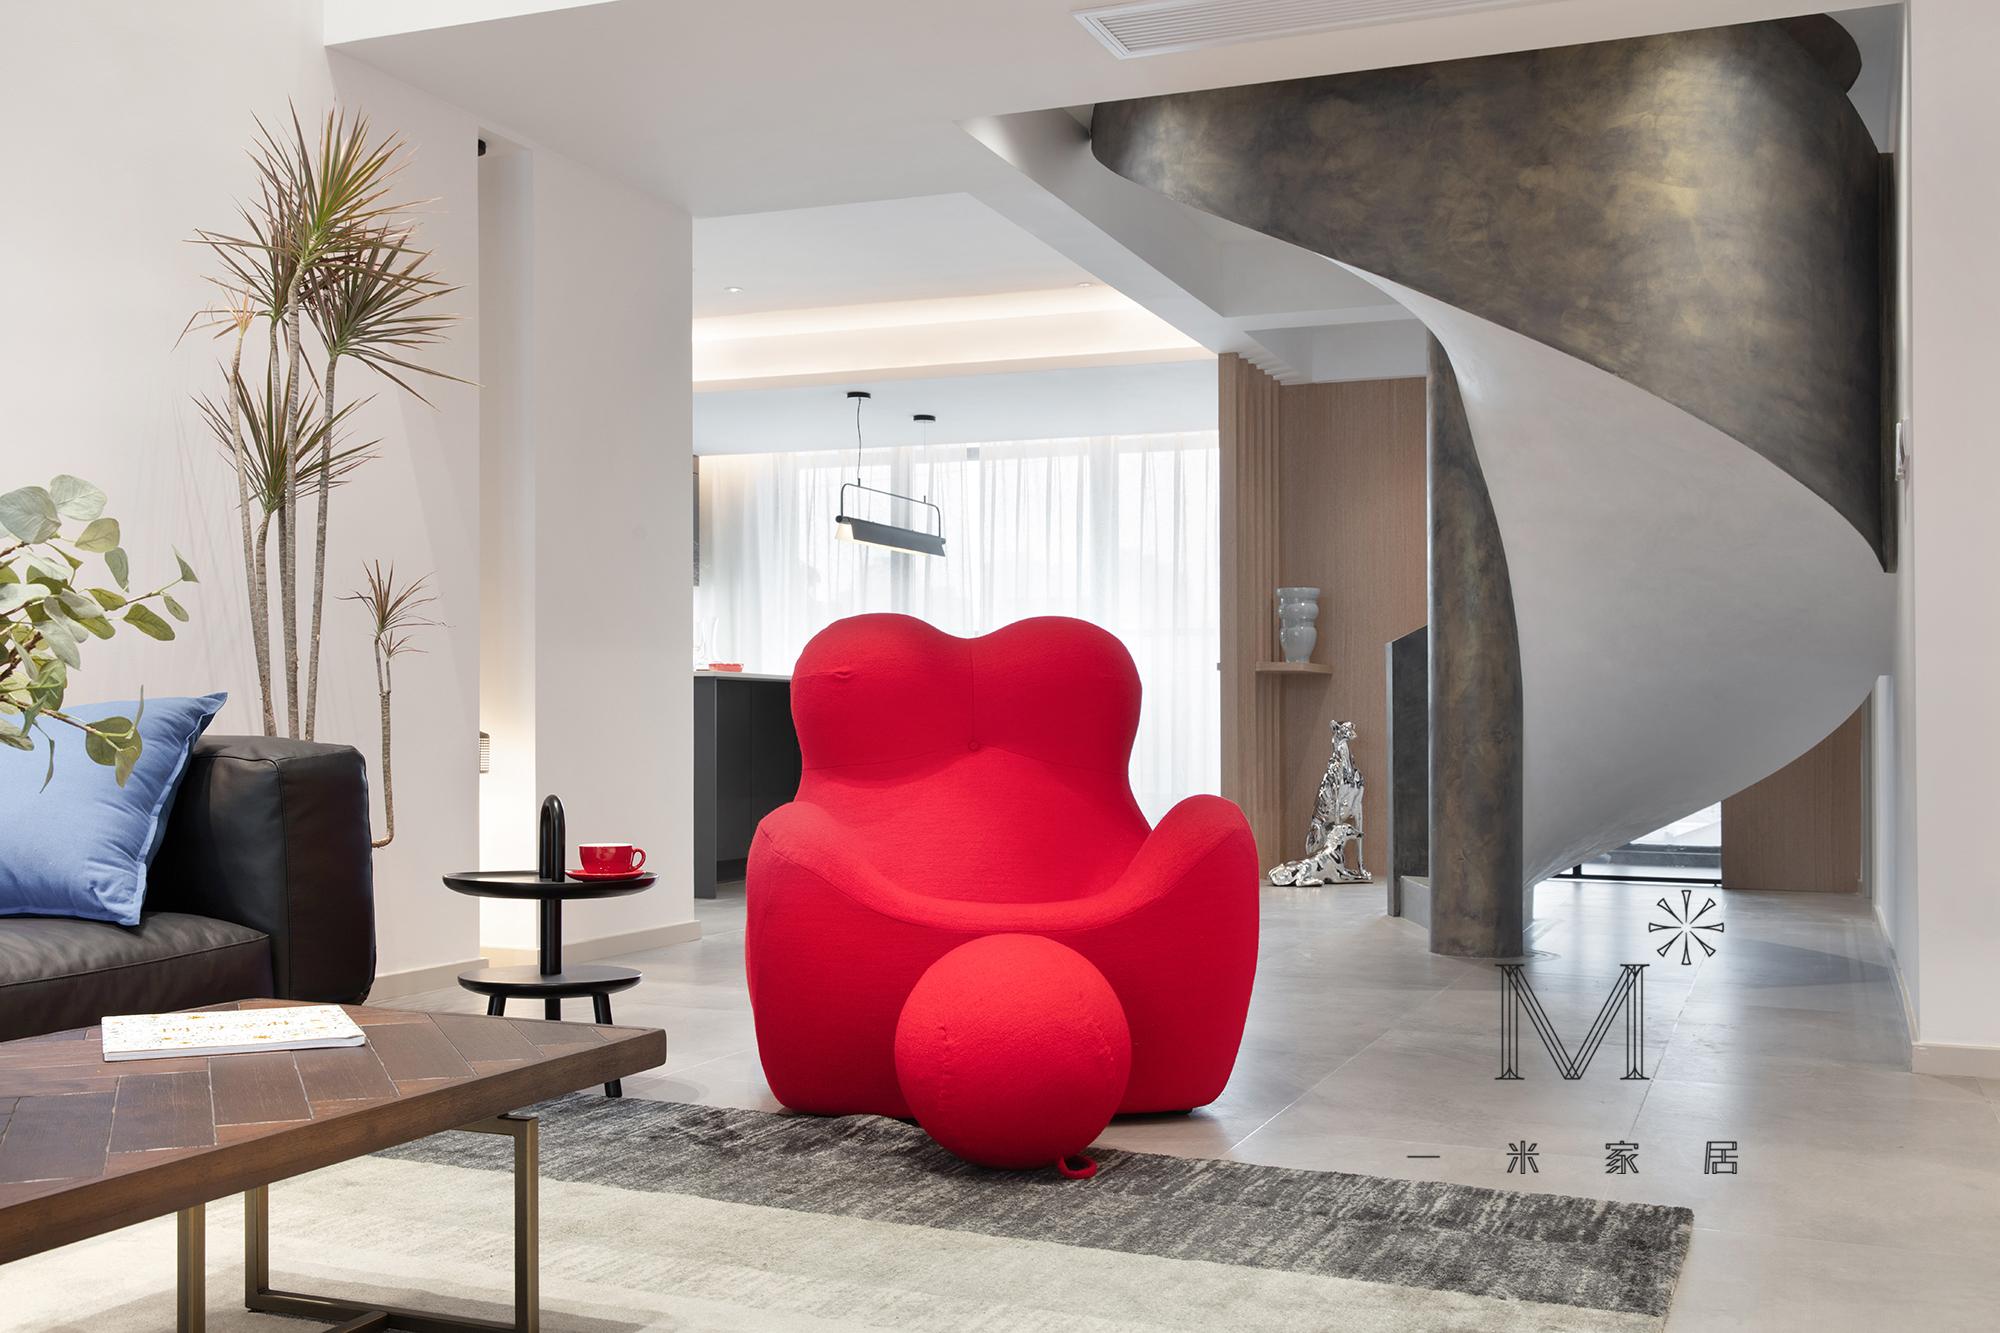 精美208平LOFT复式装饰图片客厅潮流混搭客厅设计图片赏析